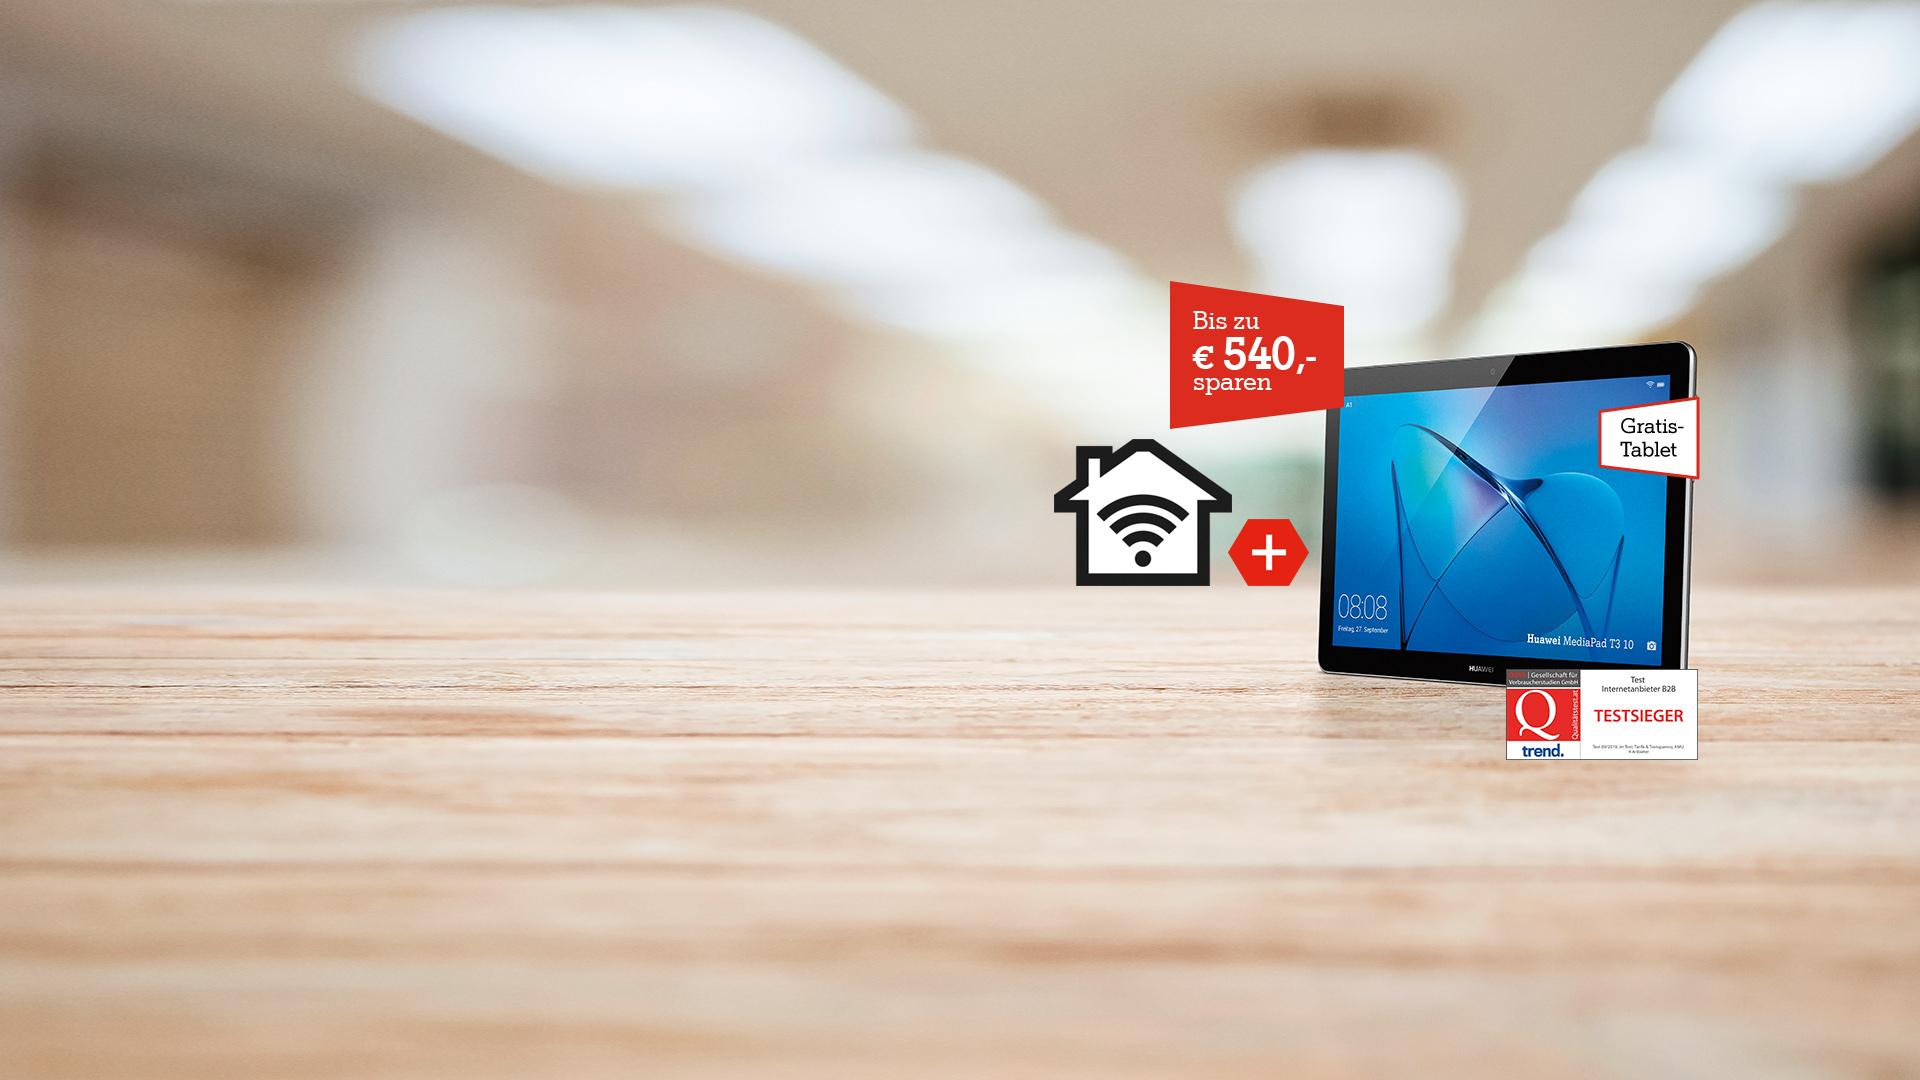 A1 Business Internet + Gratis Tablet